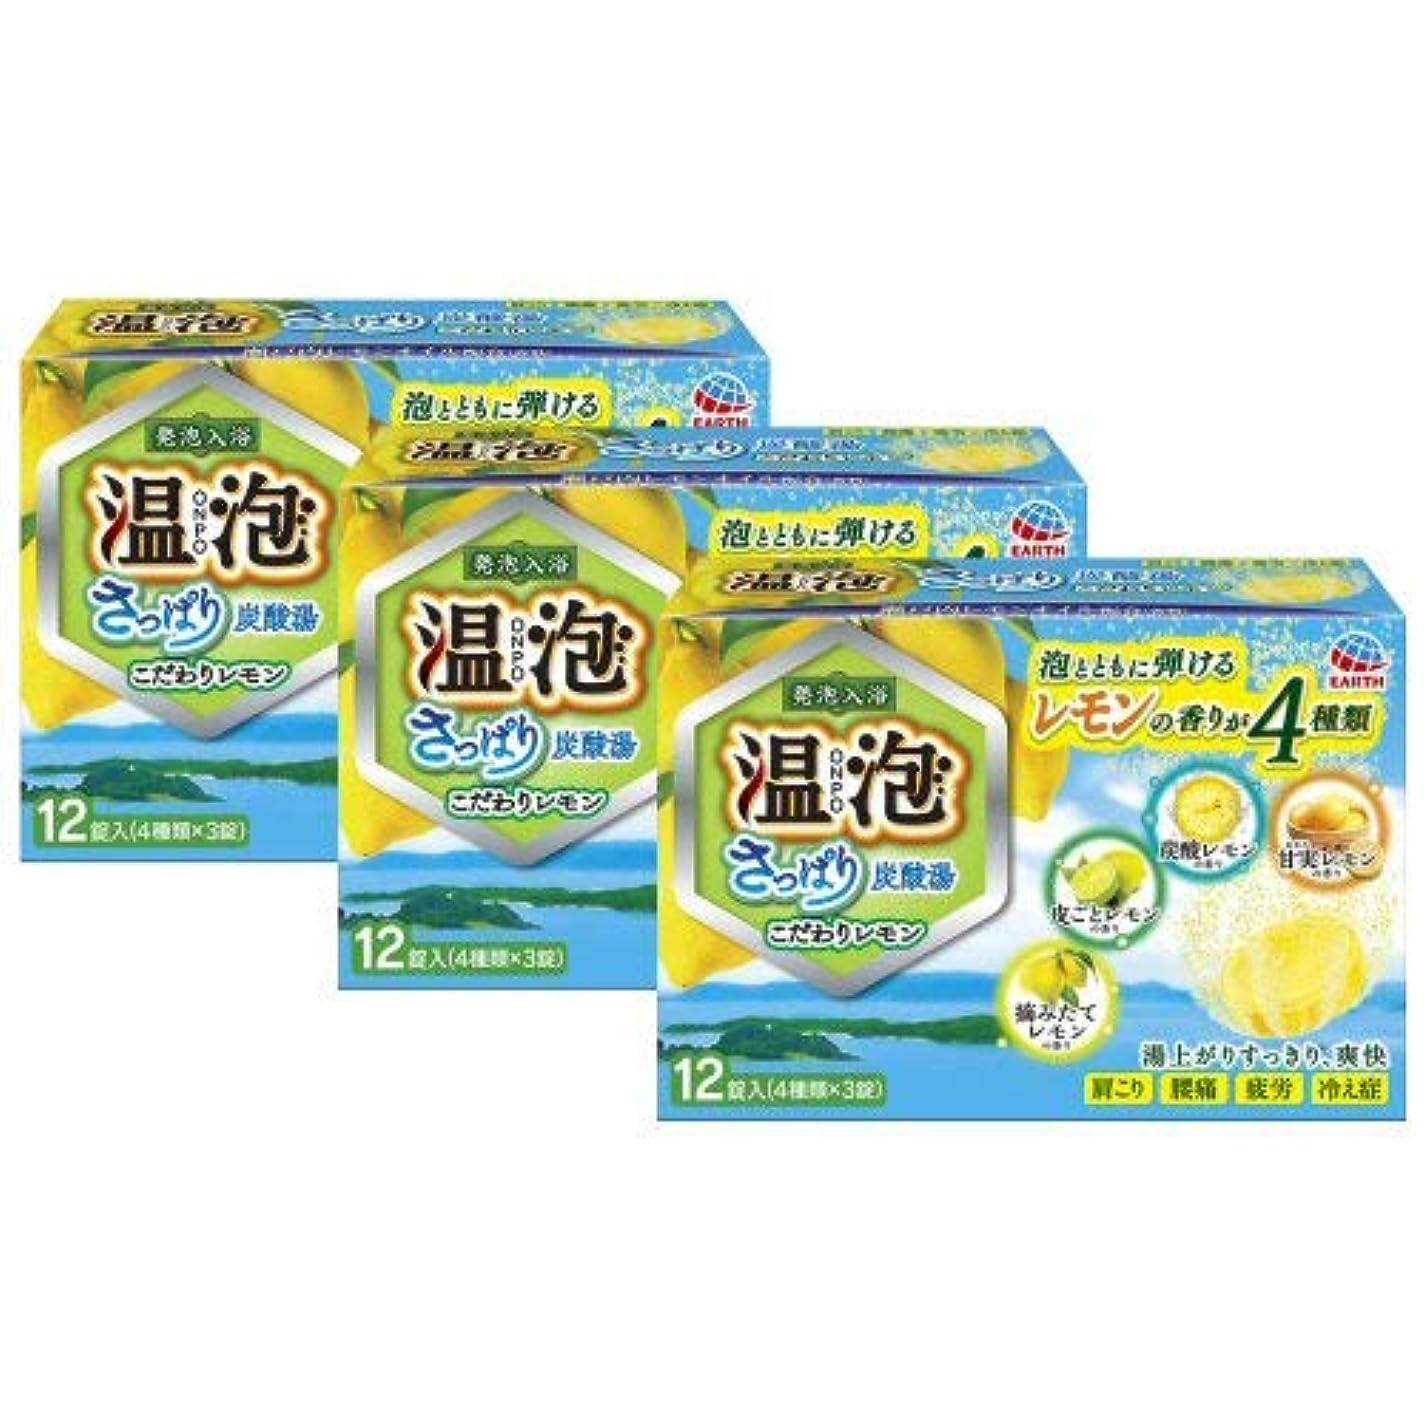 軽減するラックキャップ温泡 ONPOさっぱり炭酸湯 こだわりレモン12錠入(4種×3錠)×3個